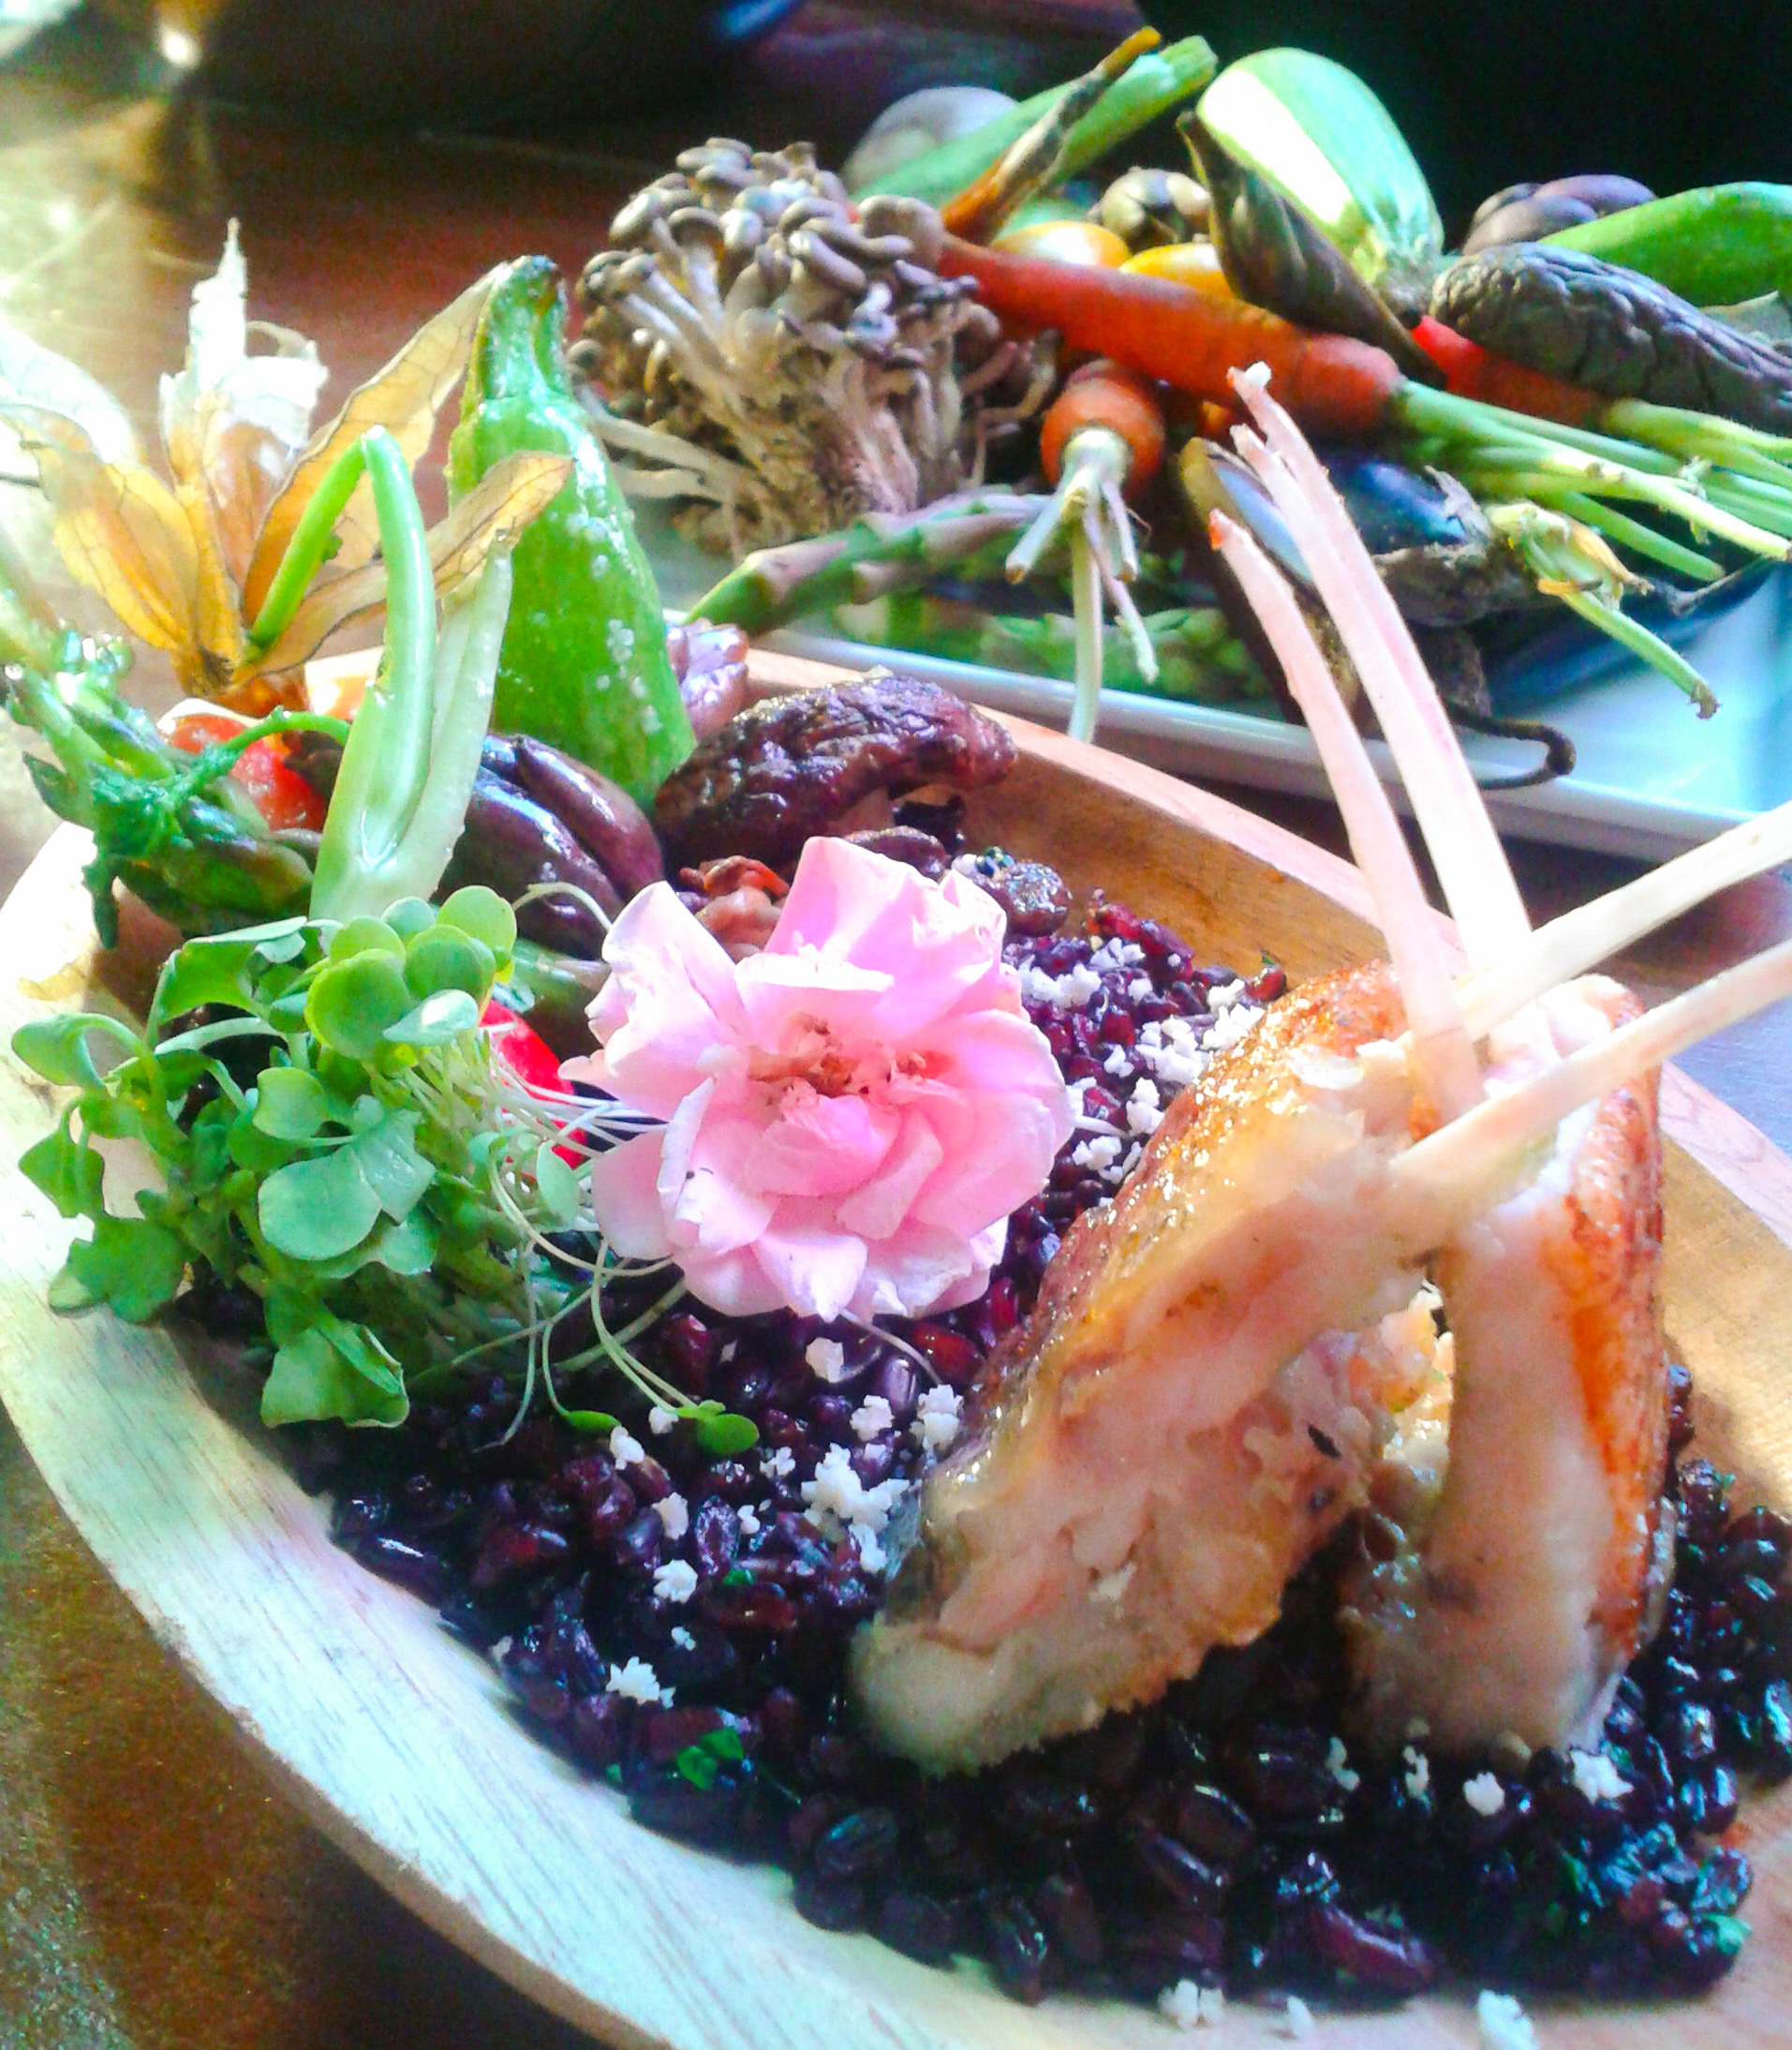 Costela de tambaqui com horta orgânica e arroz negro, chef Leonardo Roncon.